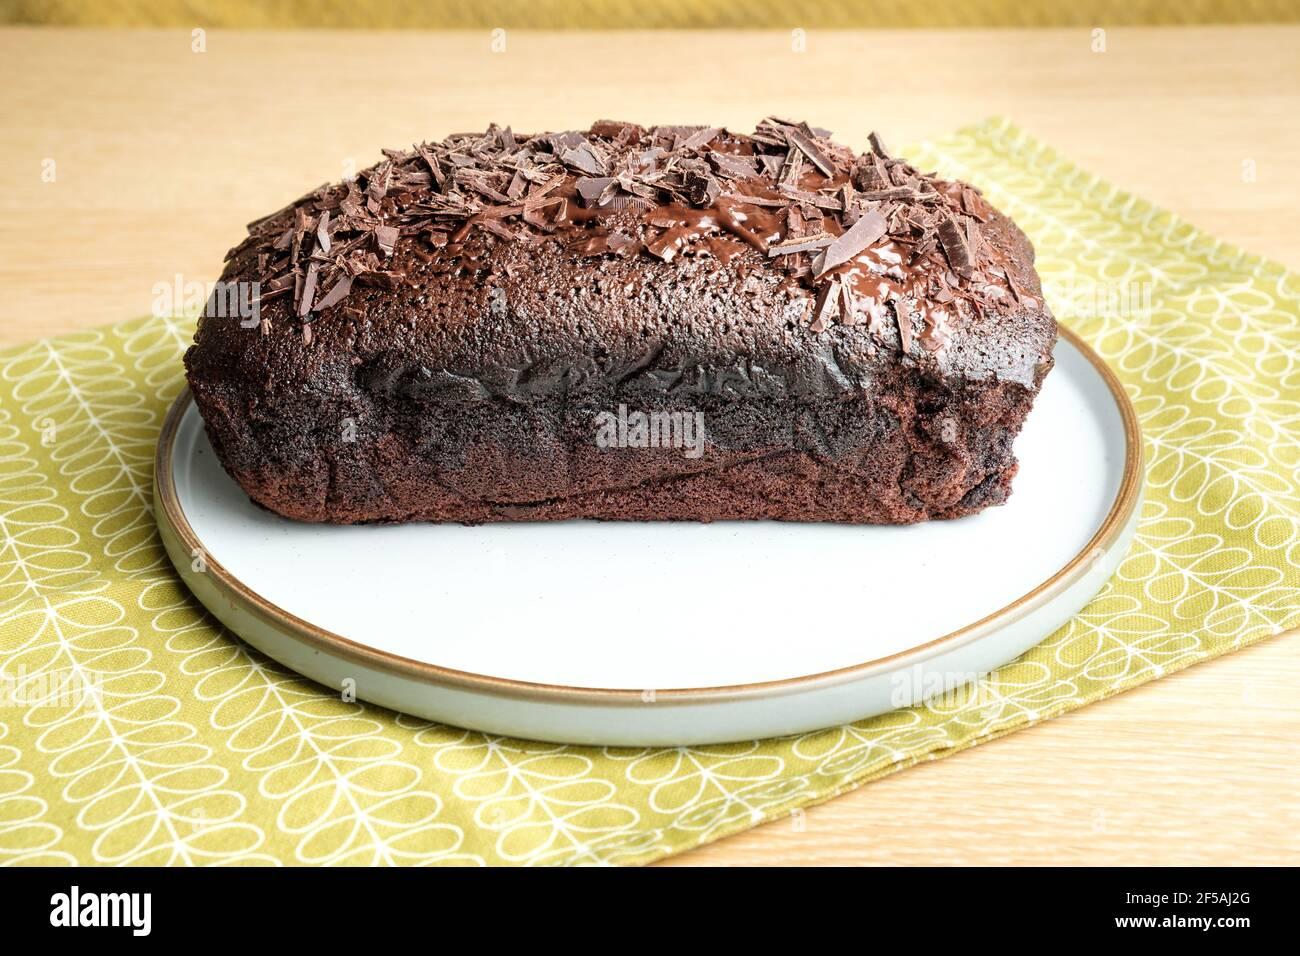 Un riche gâteau quadruple au chocolat fraîchement cuit à la maison et refroidissement sat sur une plaque Banque D'Images